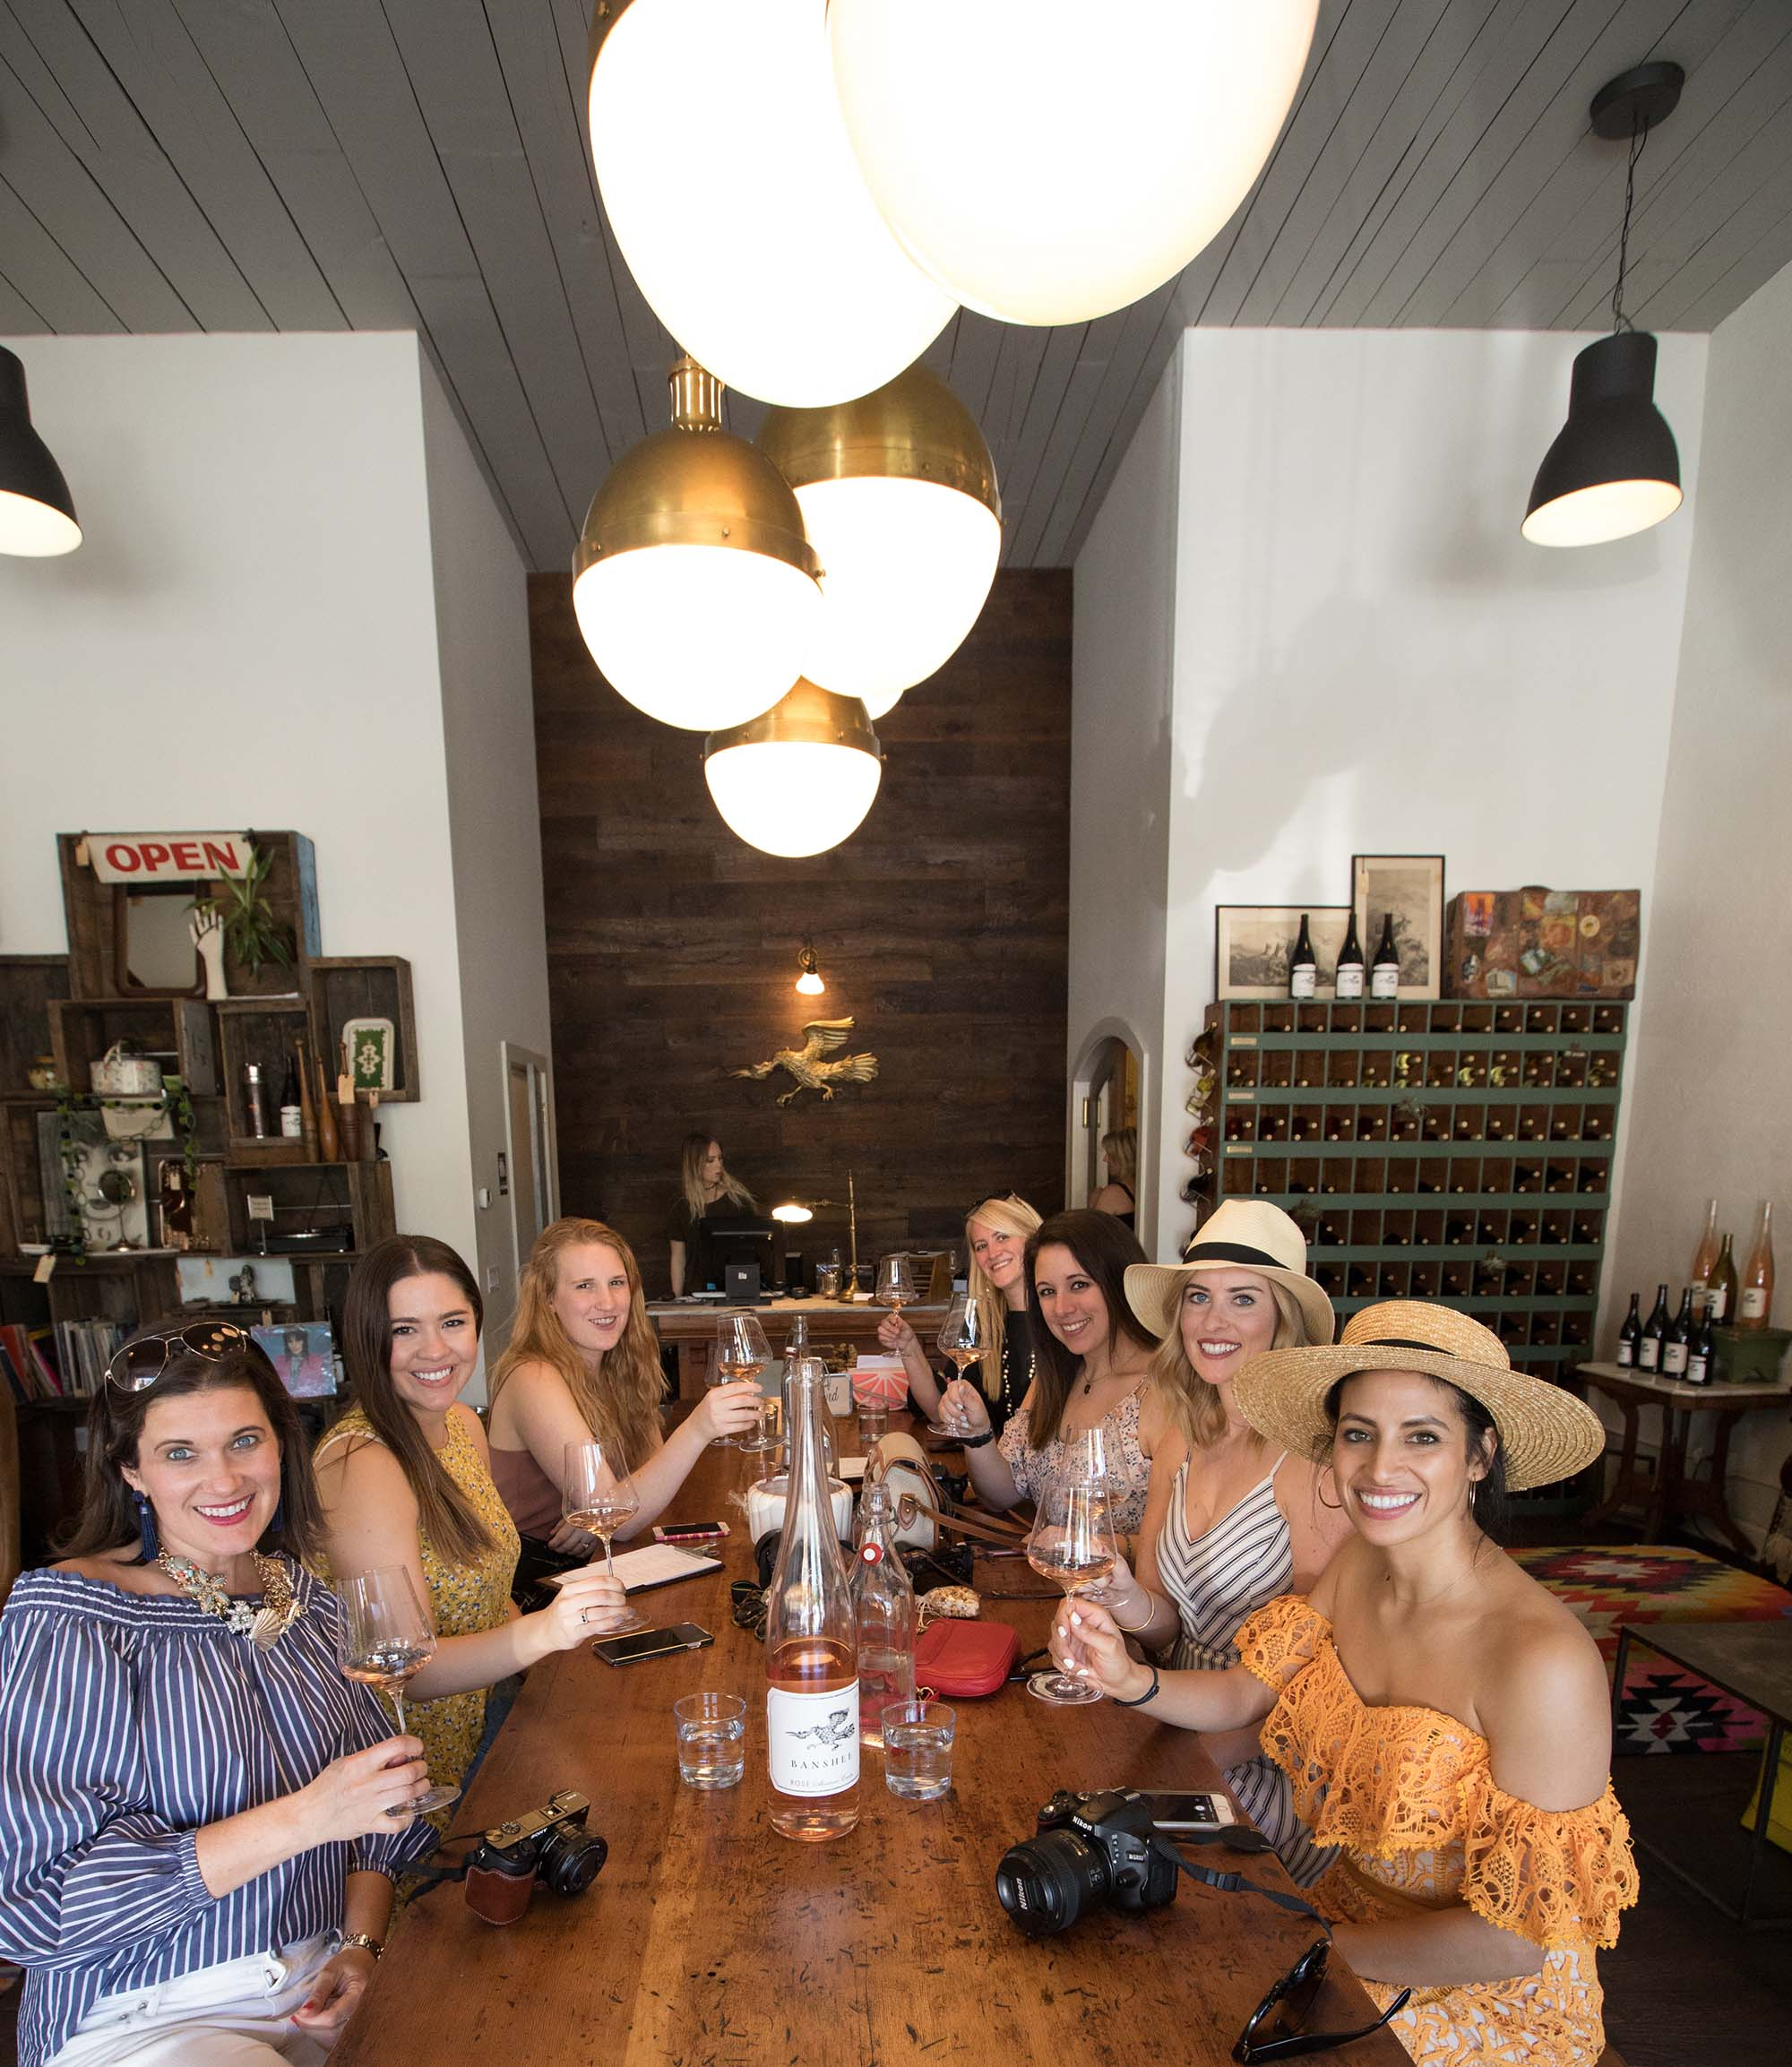 Winetasting at Banshee Wines Tasting room during Healdsburg Bloggers weekend